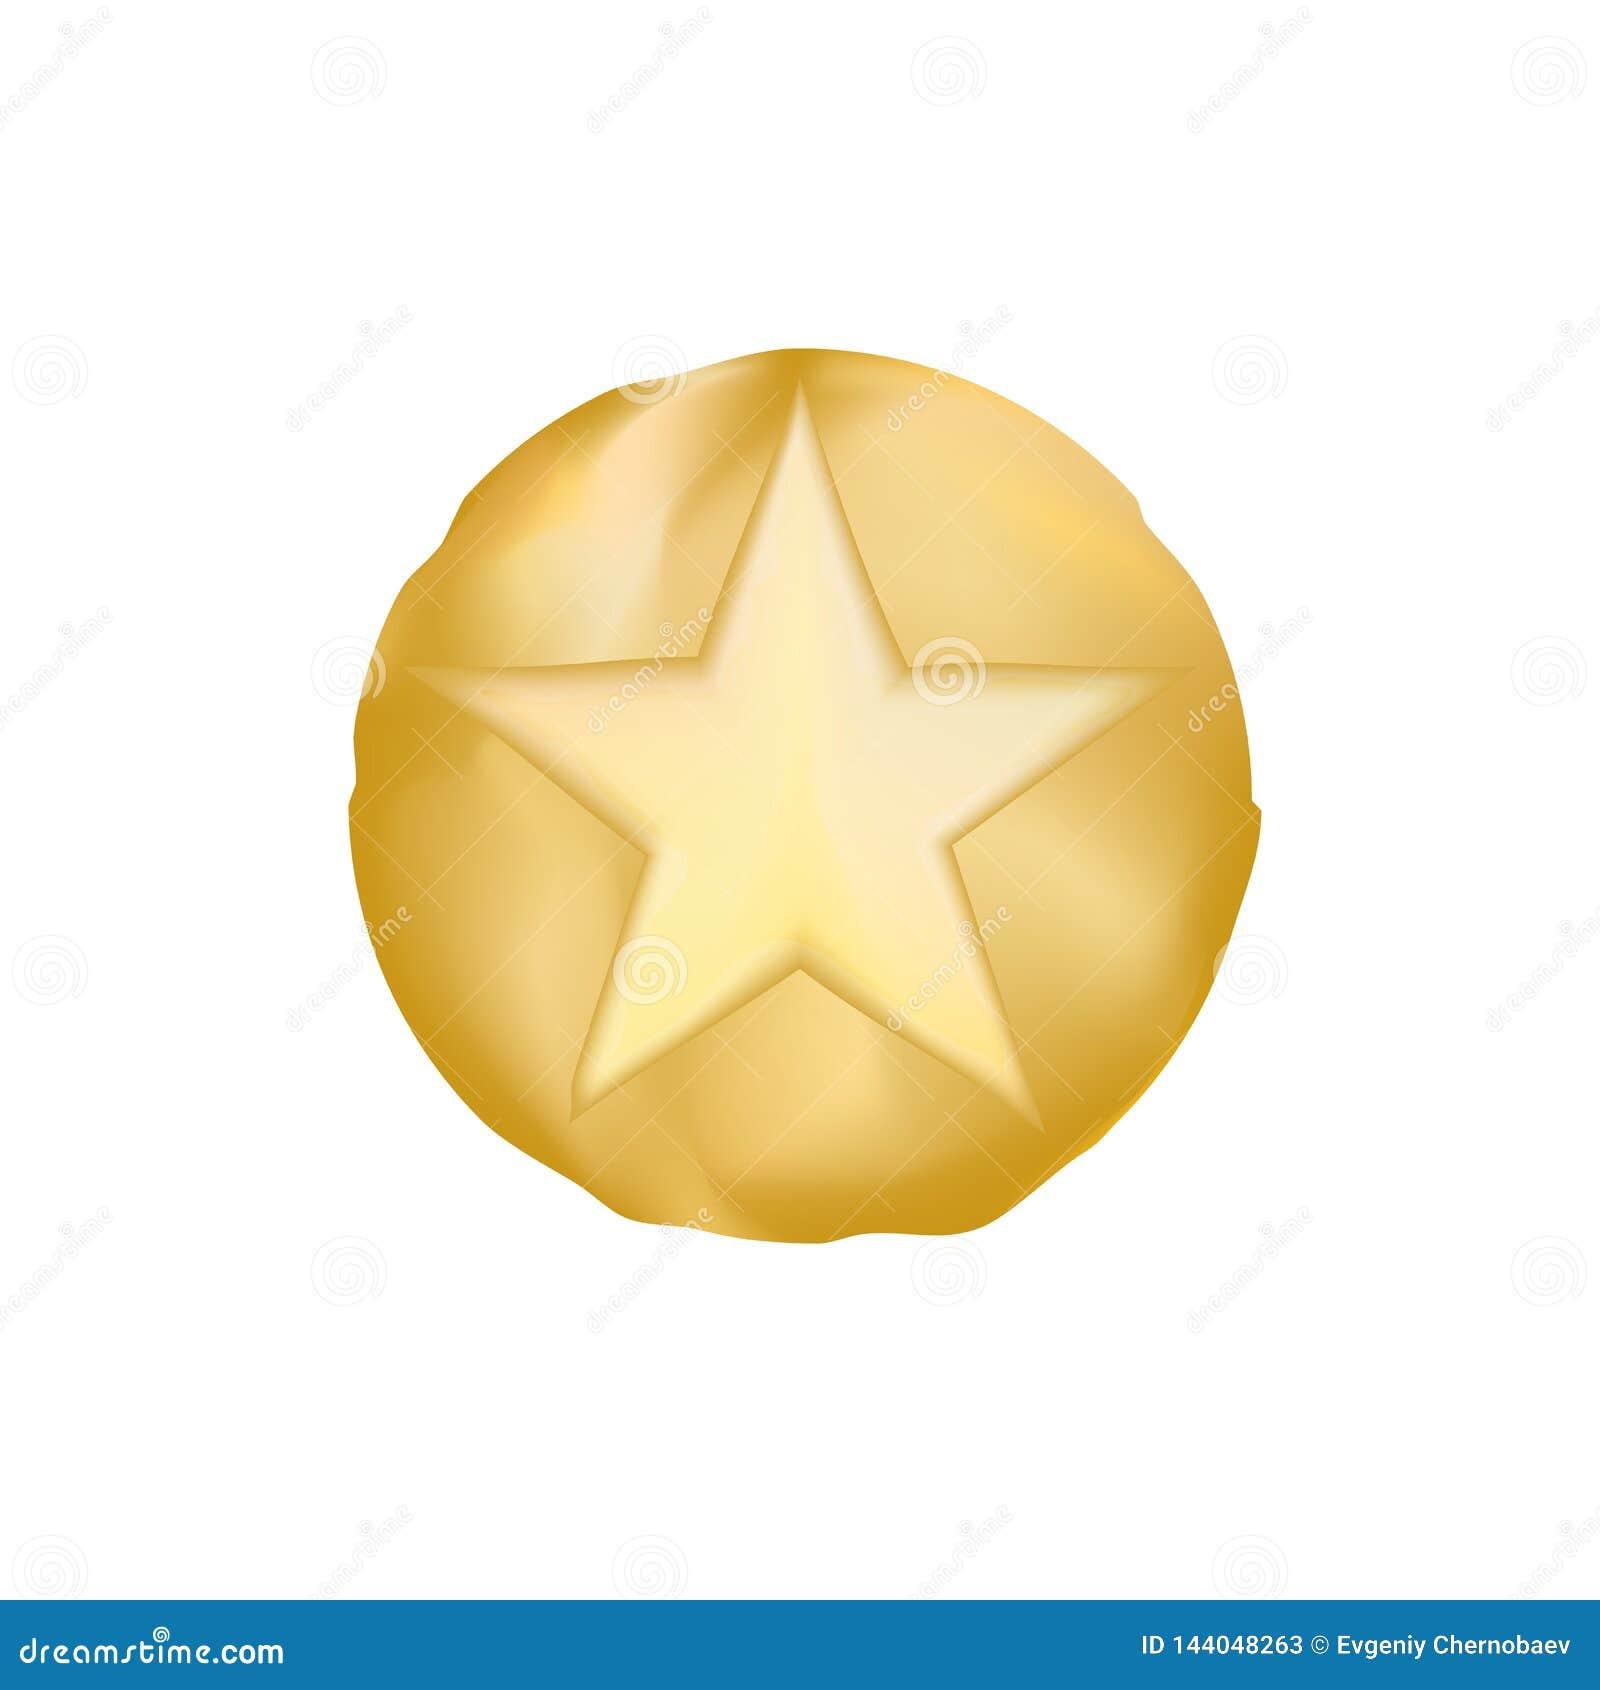 Vetor eps10 da estrela do xerife do OURO estrela do estilo antigo de texas Xerife dourado Star do vetor sobre o fundo branco